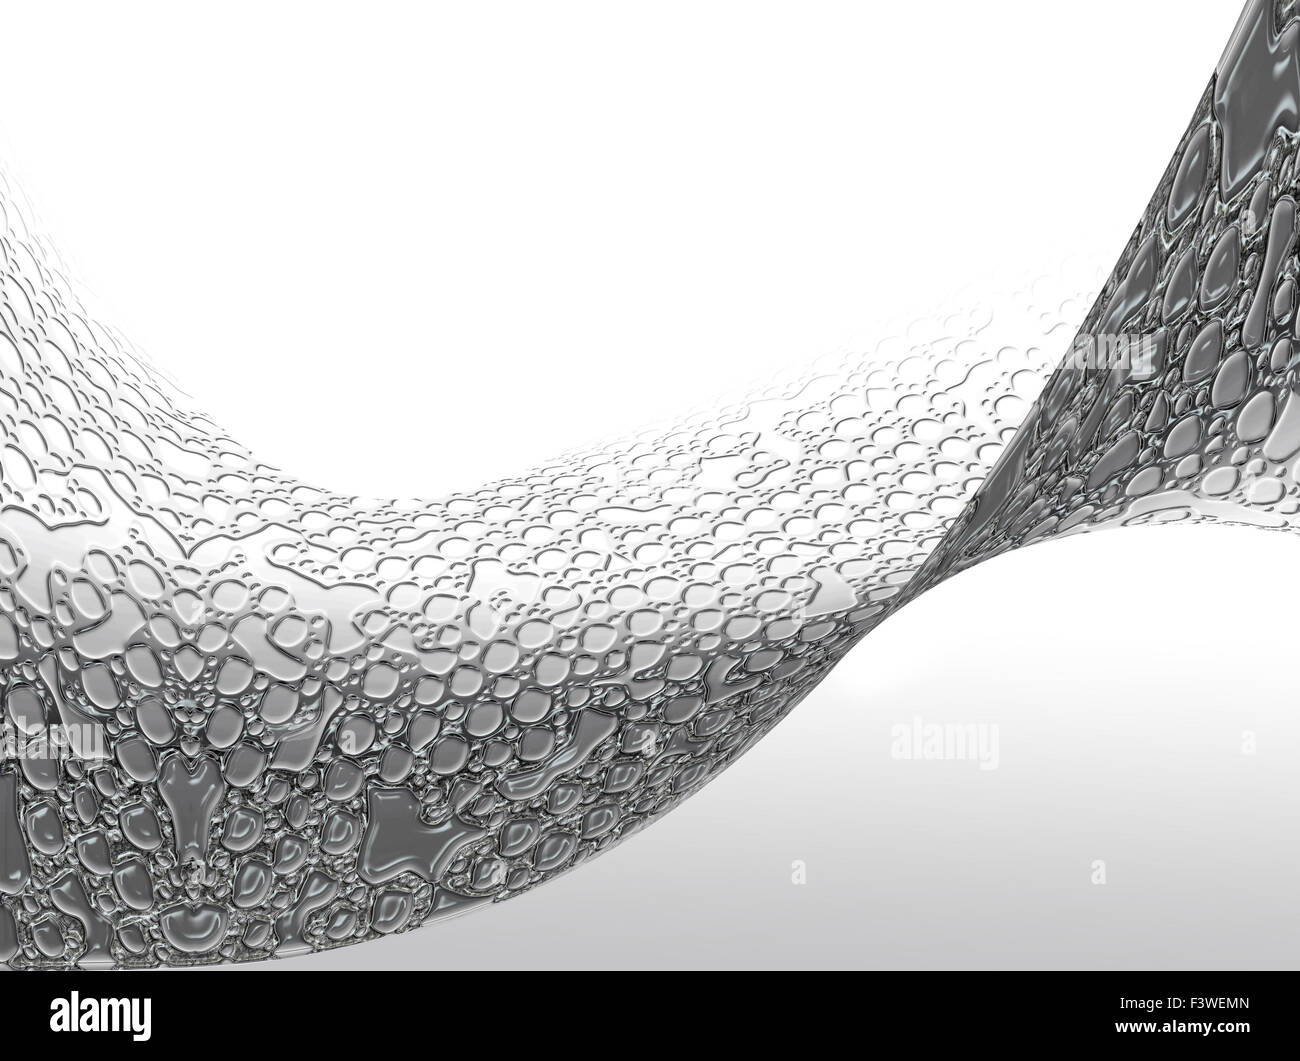 Dynamic wavy background - Stock Image